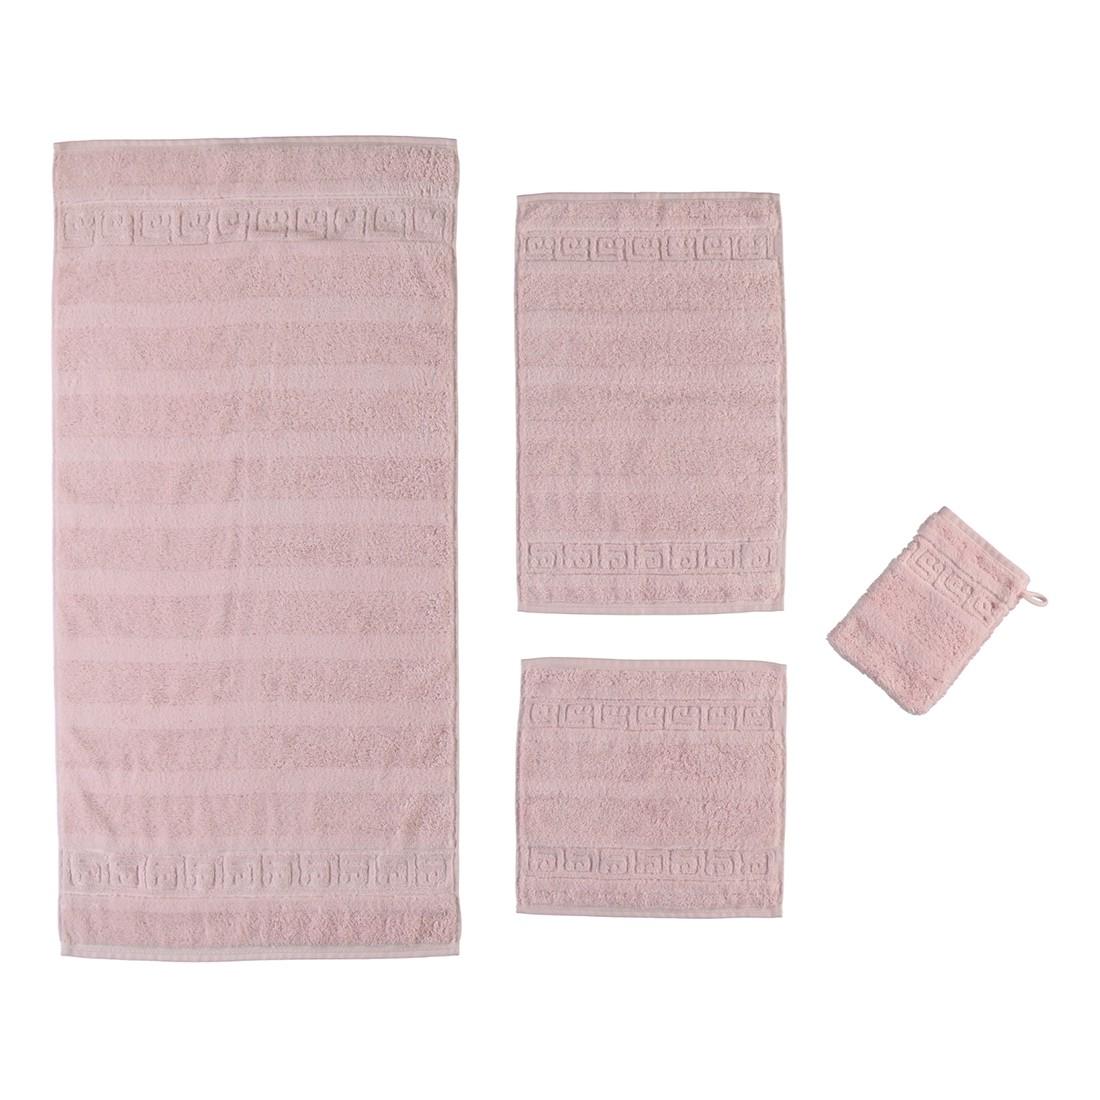 Handtuch Noblesse – 100% Baumwolle puder – 232 – Duschtuch: 80 x 160 cm, Cawö kaufen